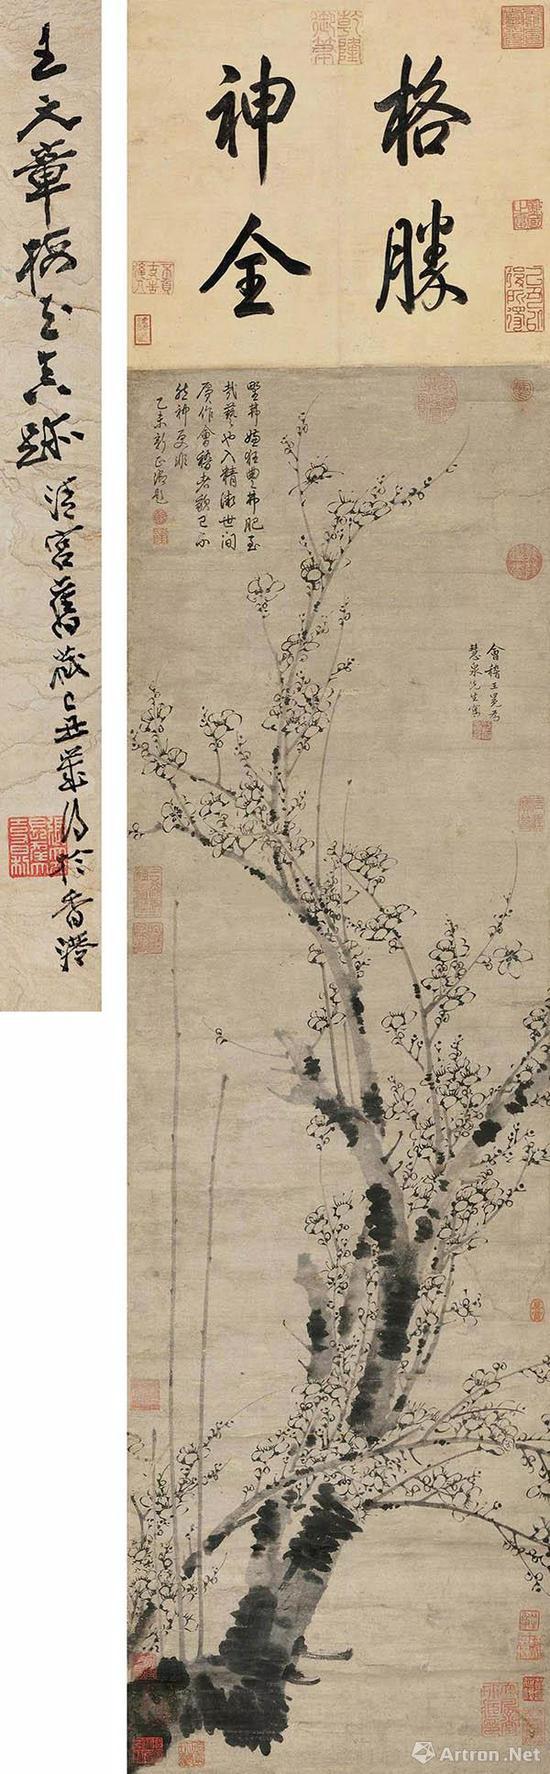 元 王冕《墨梅图》立轴 张大千旧藏  2010年北京保利拍品 成交价5700万元